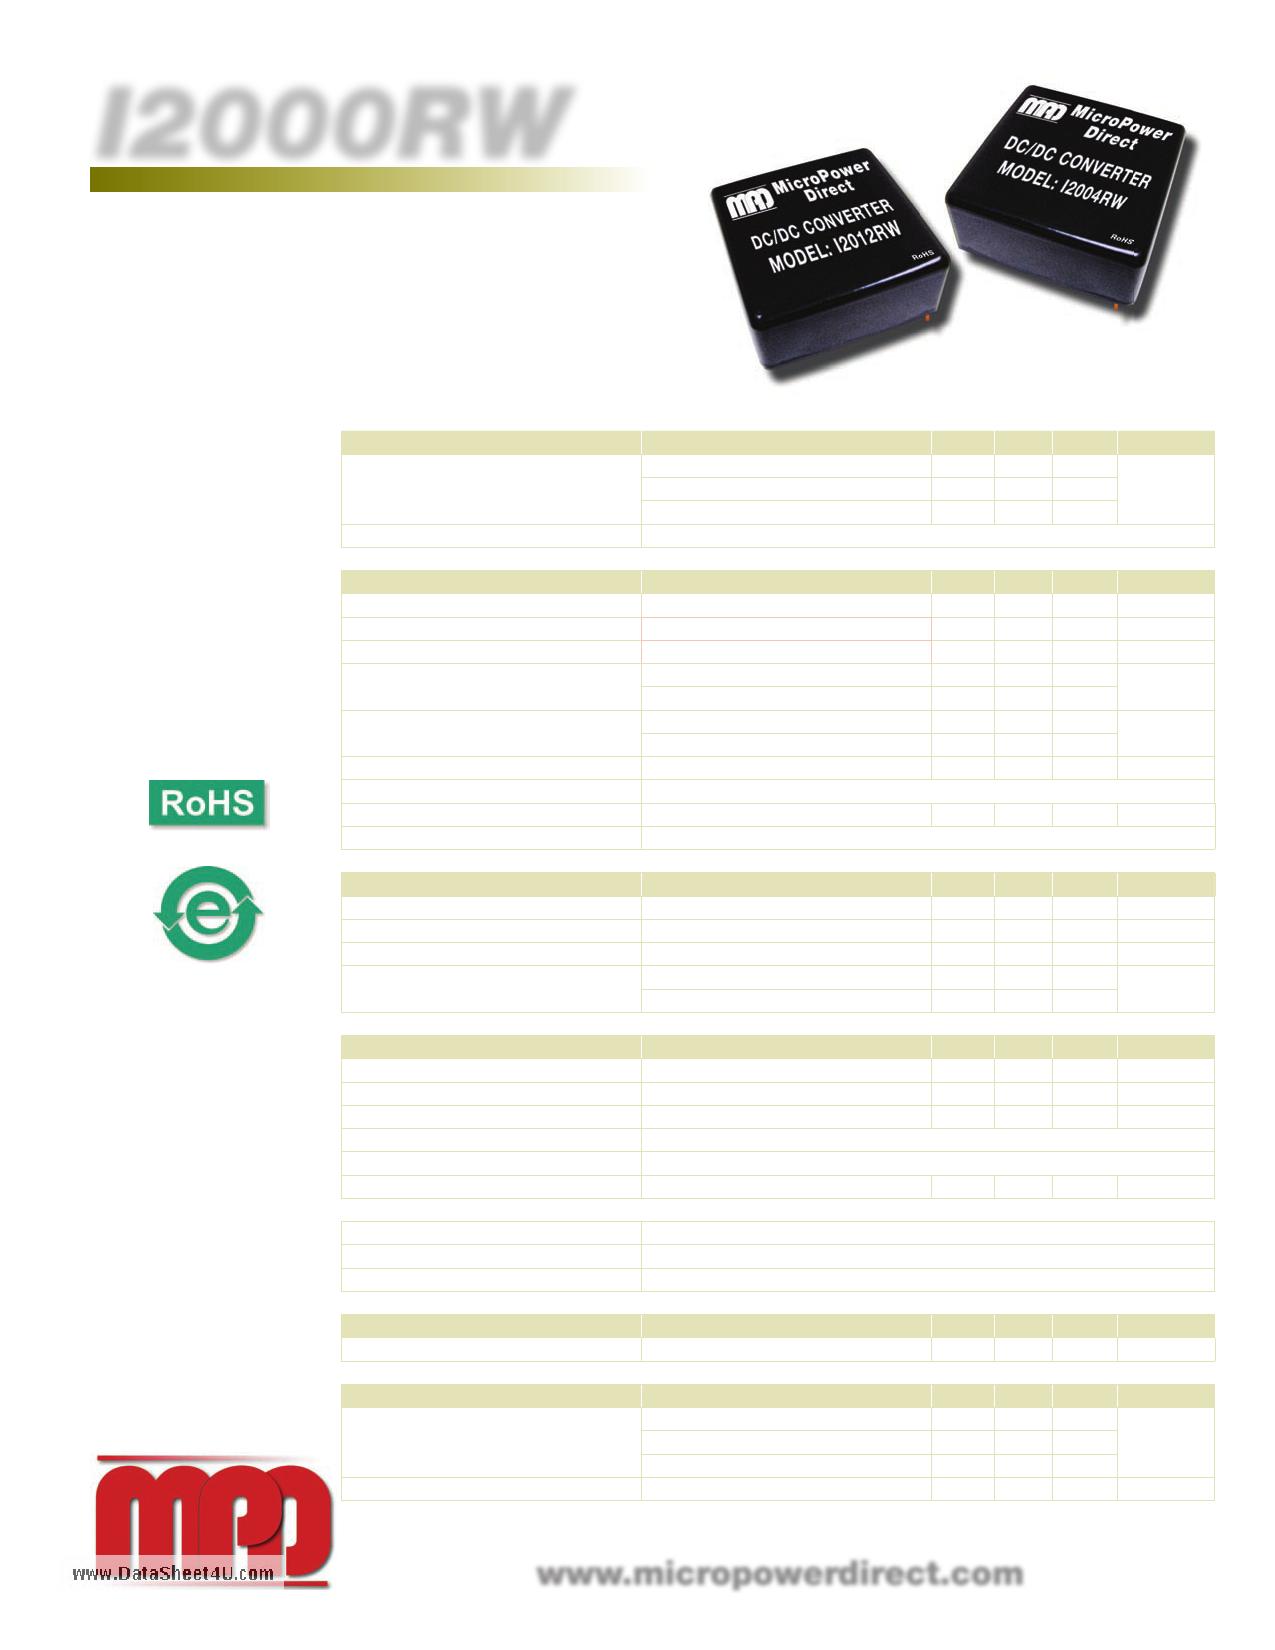 I2000RW даташит PDF